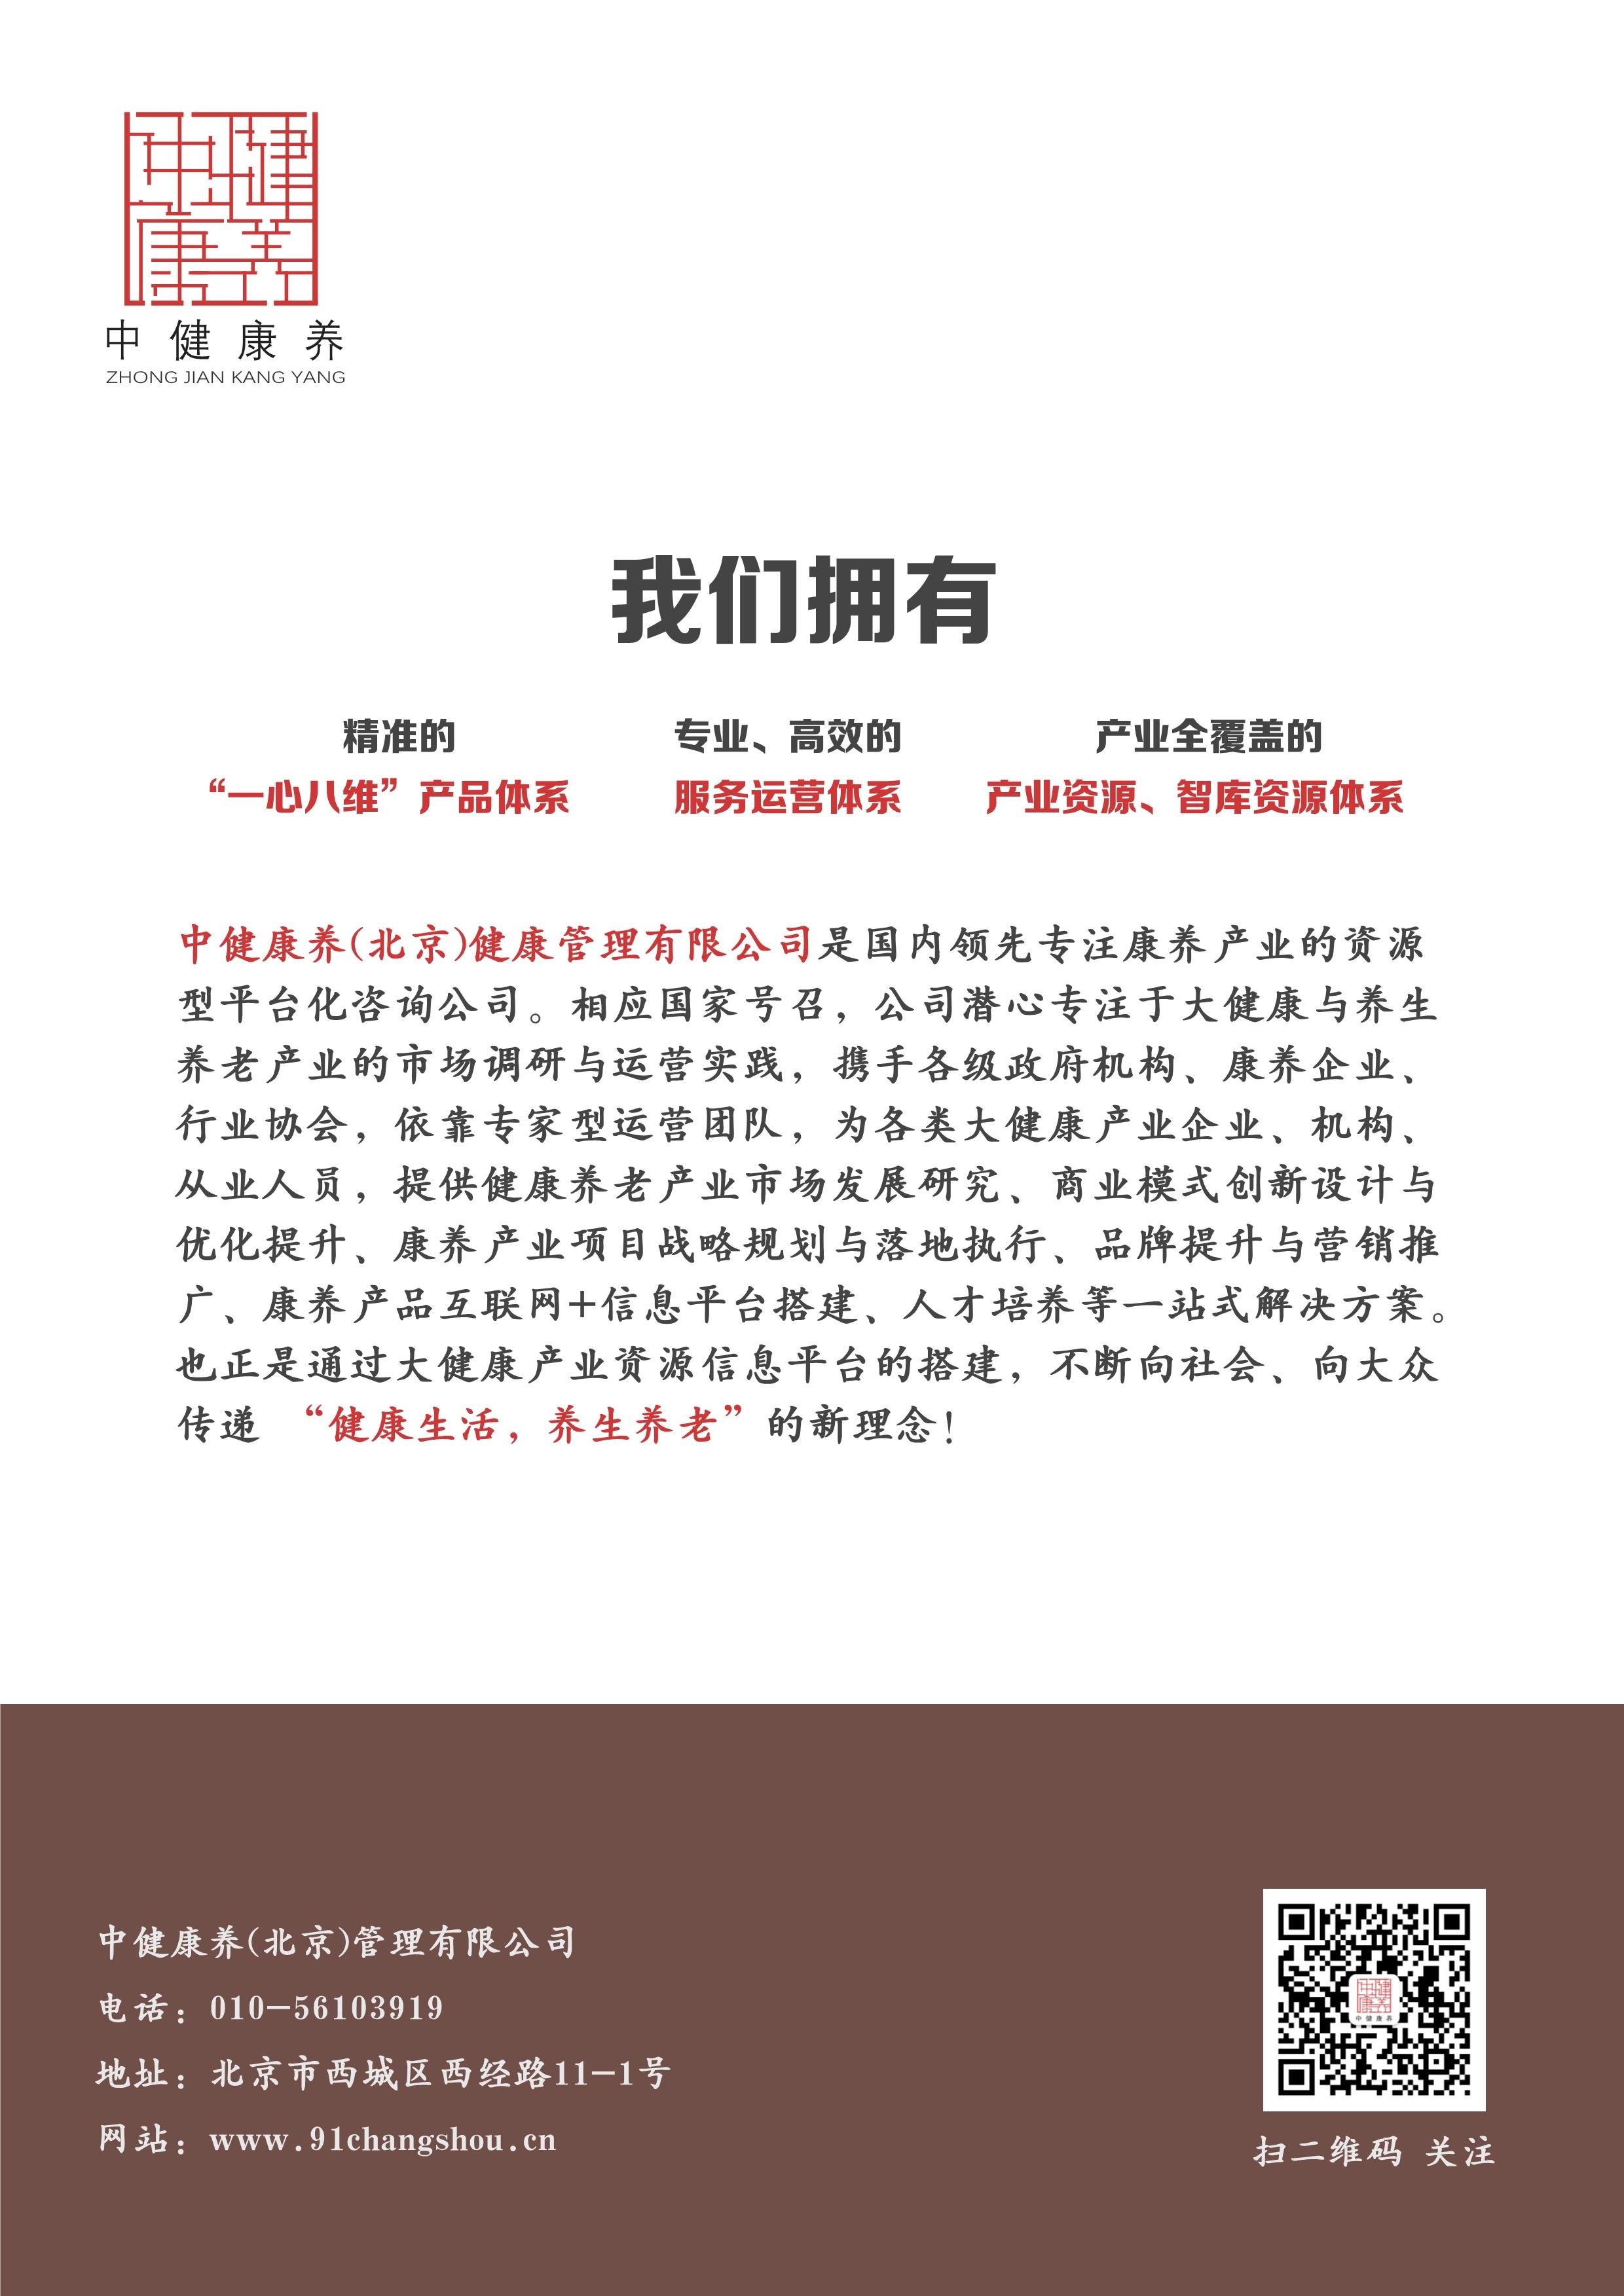 康養月刊-第二期6.3v.2_IMG-康養月刊-第二期6.3v.2_15